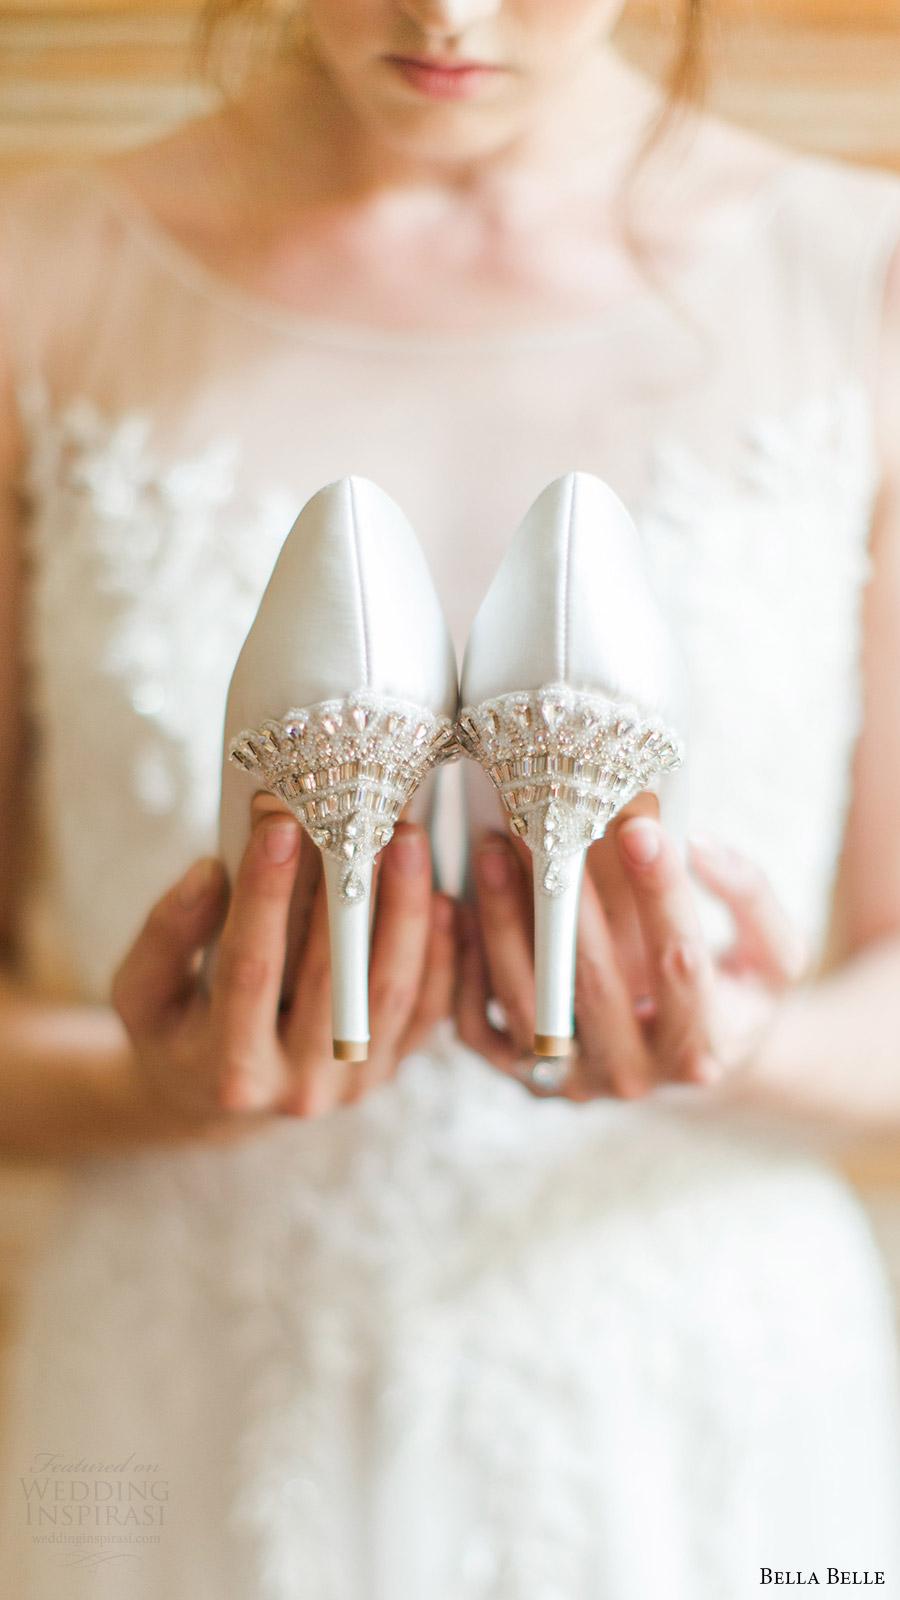 zapatos de novia bella belle bombas 2016 de la boda de Elizabeth talones de cuentas